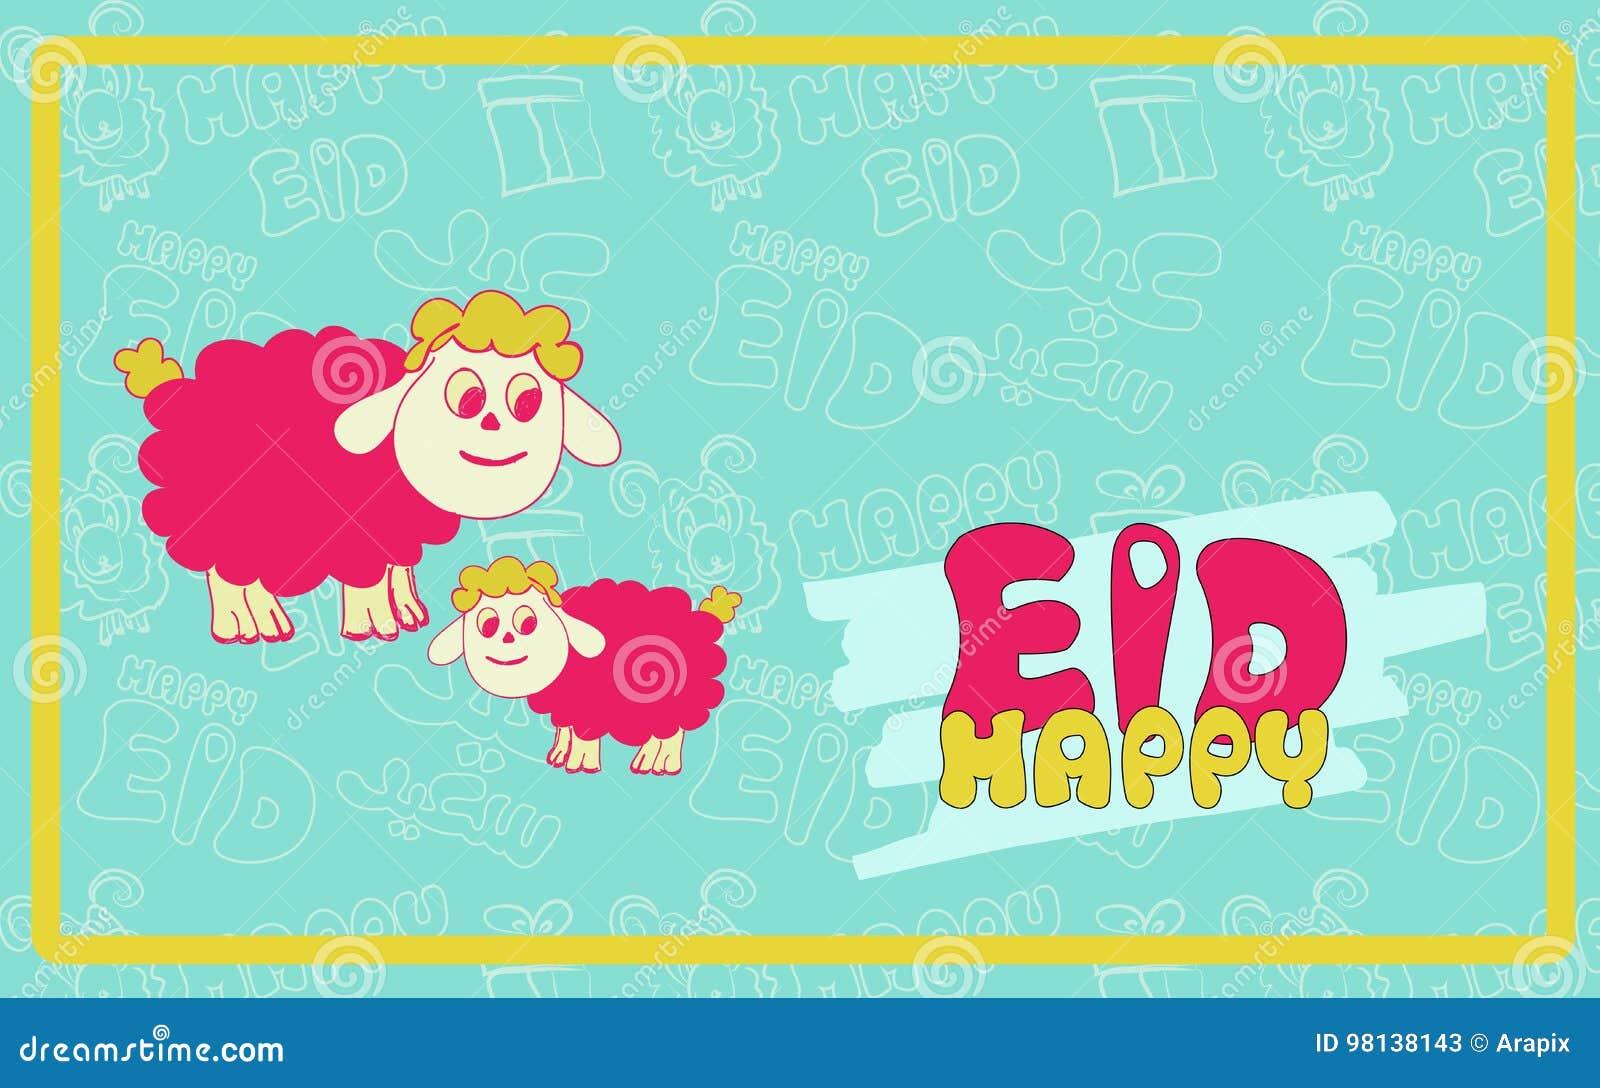 Happy eid greeting card translation happy feast vector download happy eid greeting card translation happy feast vector stock vector m4hsunfo